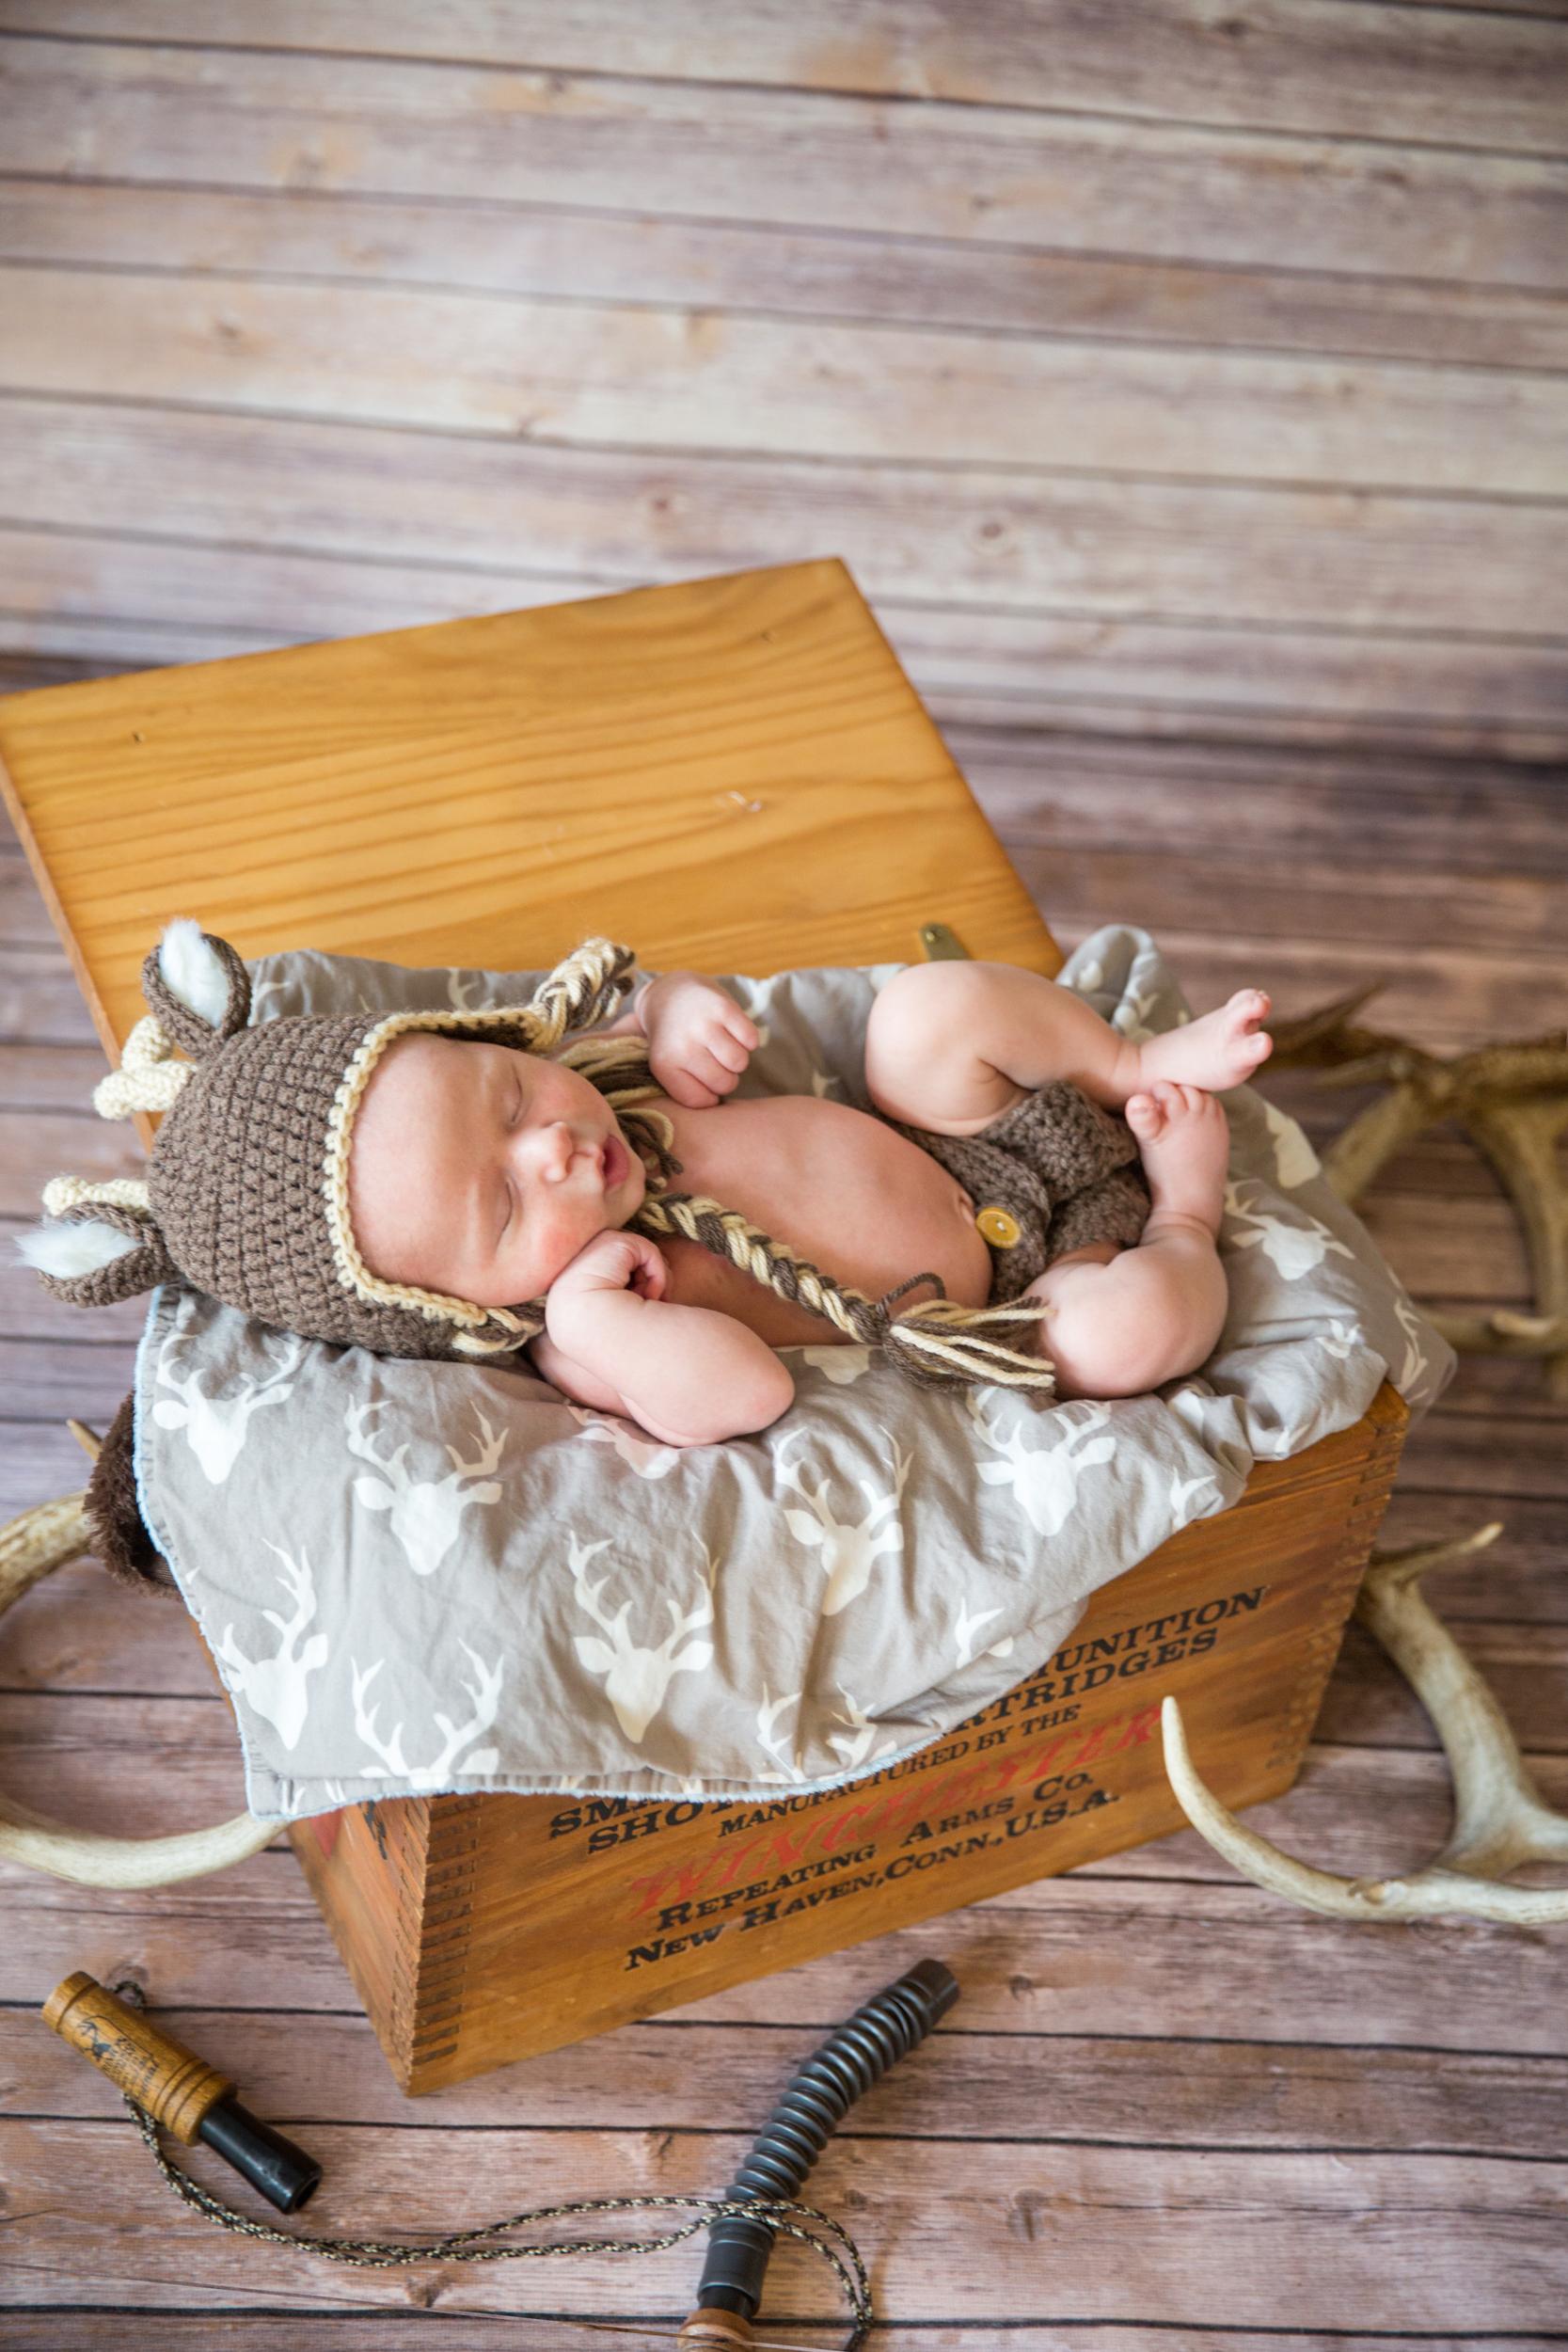 WEB_9-21-17_RhettKrips_Newborn-1-2.jpg